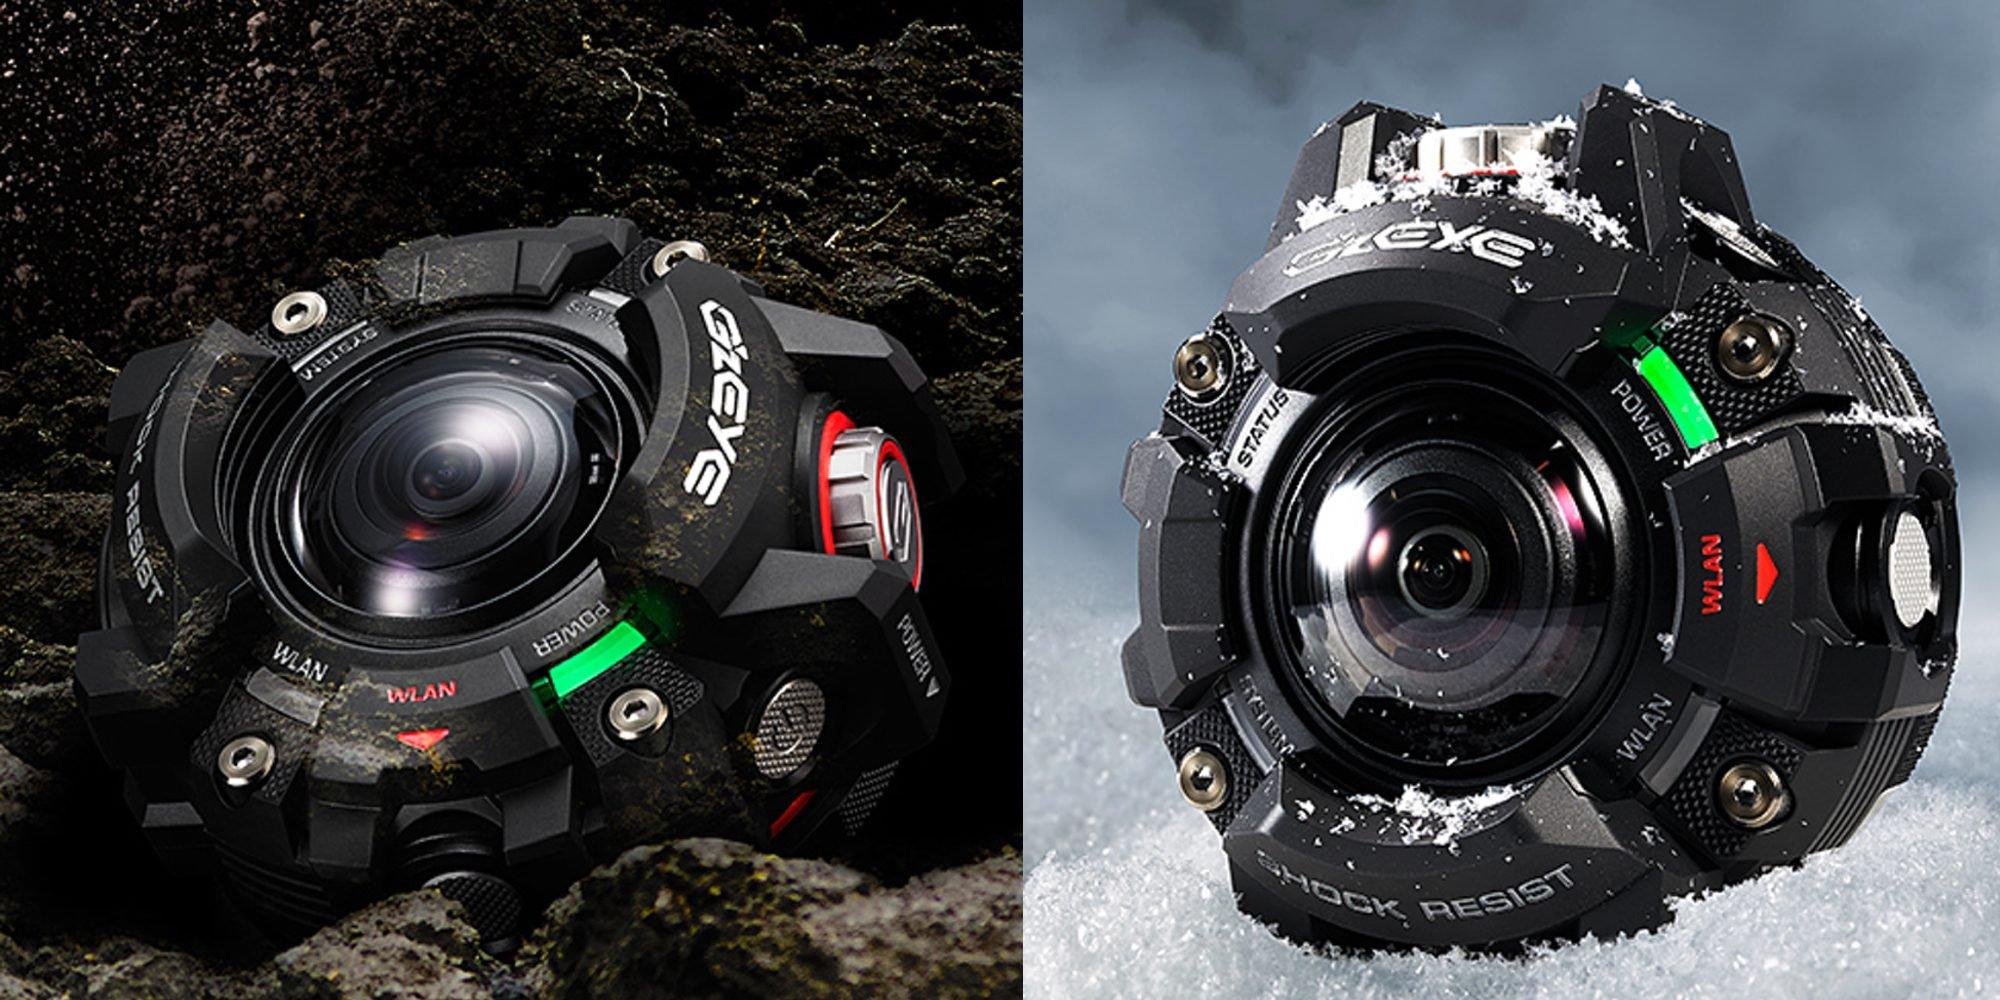 Casio выпустили экшен-камеру в стиле часов G-Shock